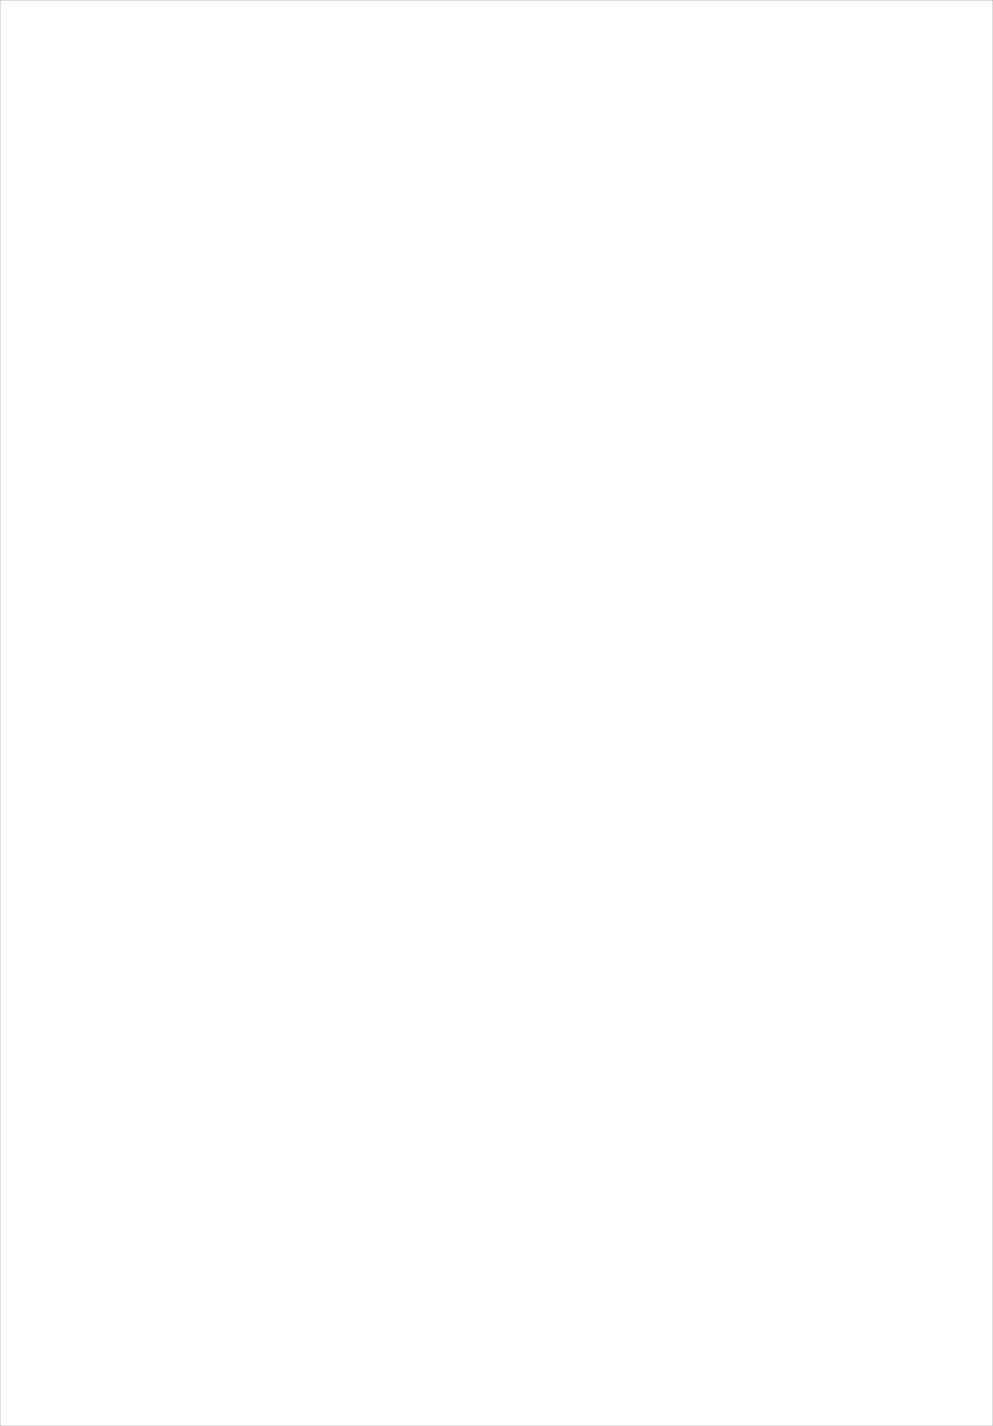 Chaldea JK Collection Vol. 2 Meltlilith 28